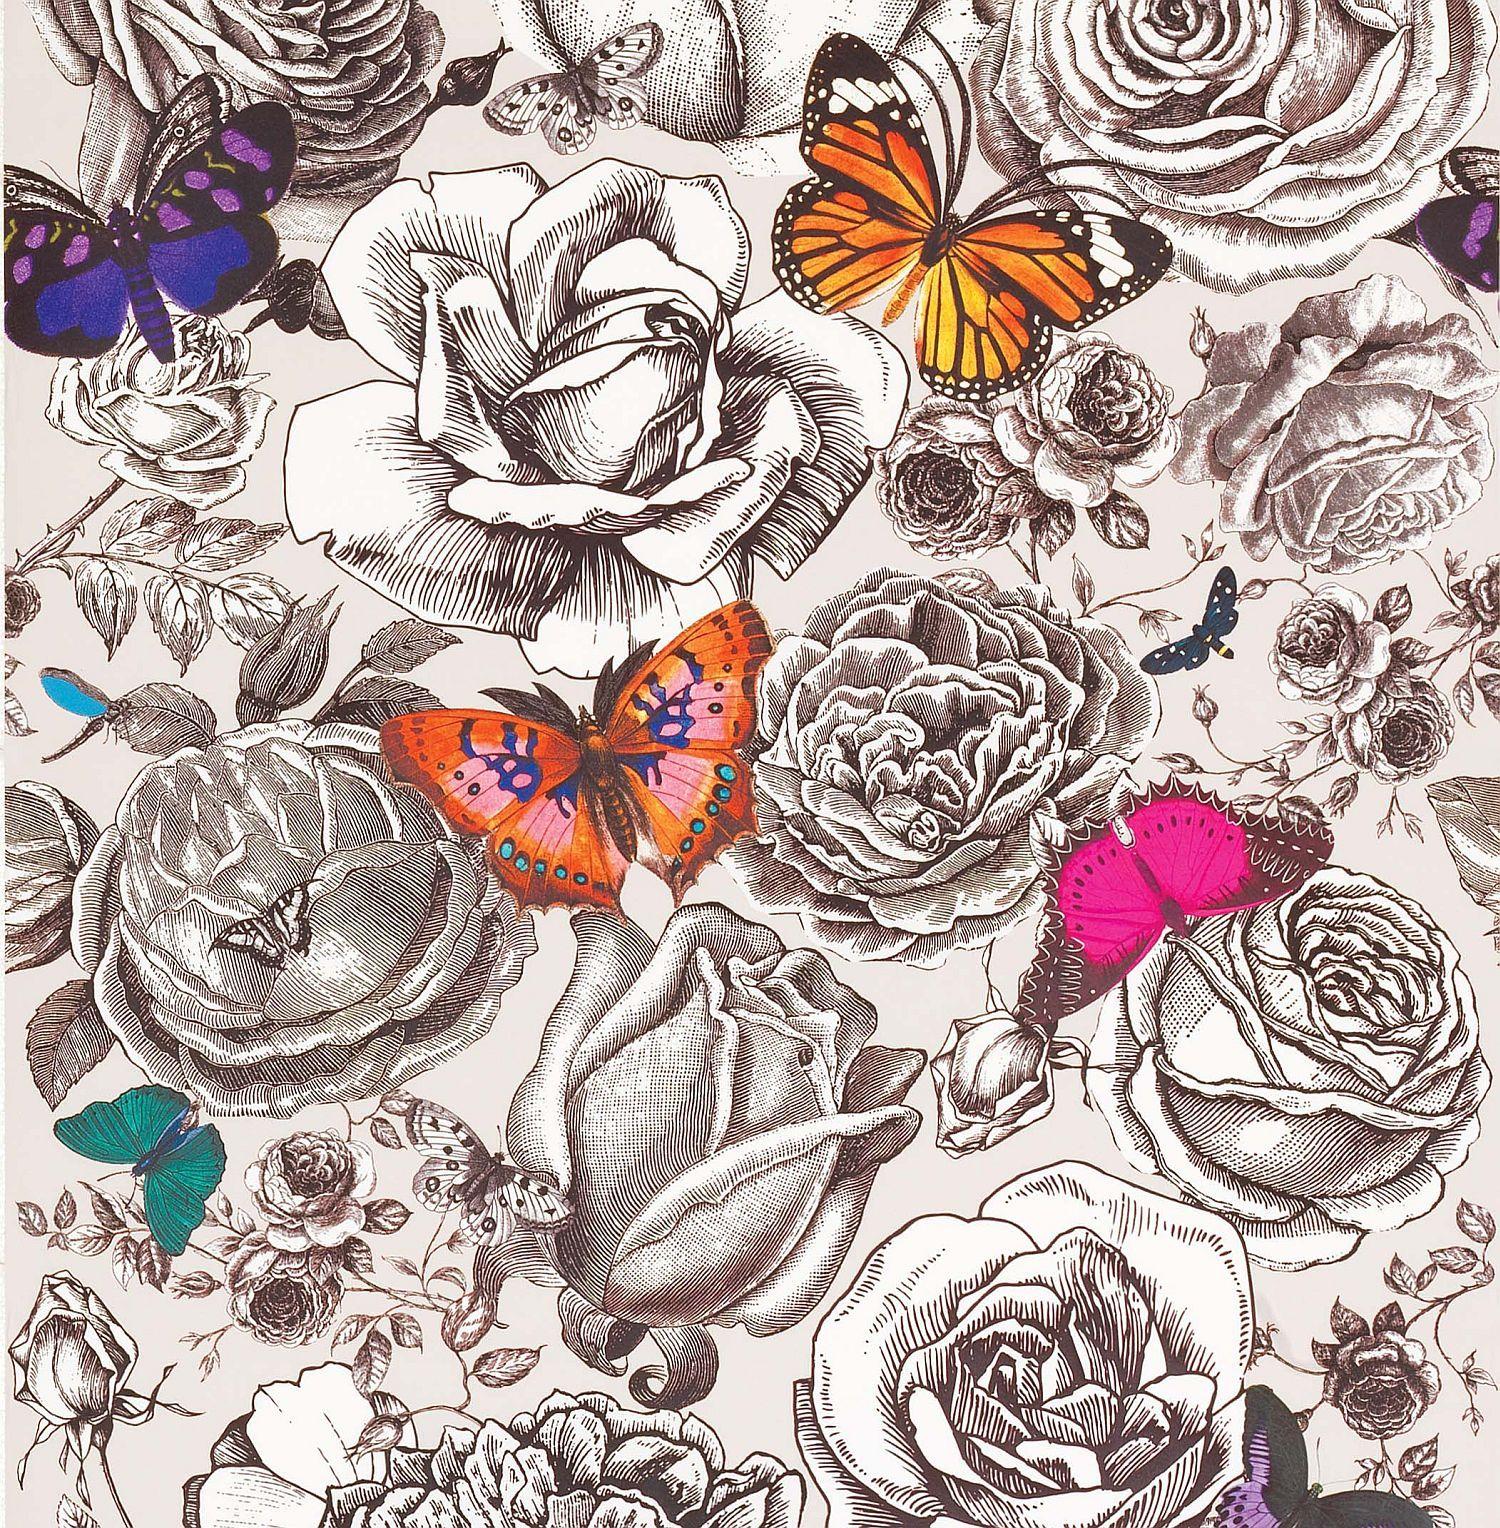 Butterfly Garden By Osborne & Little - Osborne And Little Enchanted Garden - HD Wallpaper